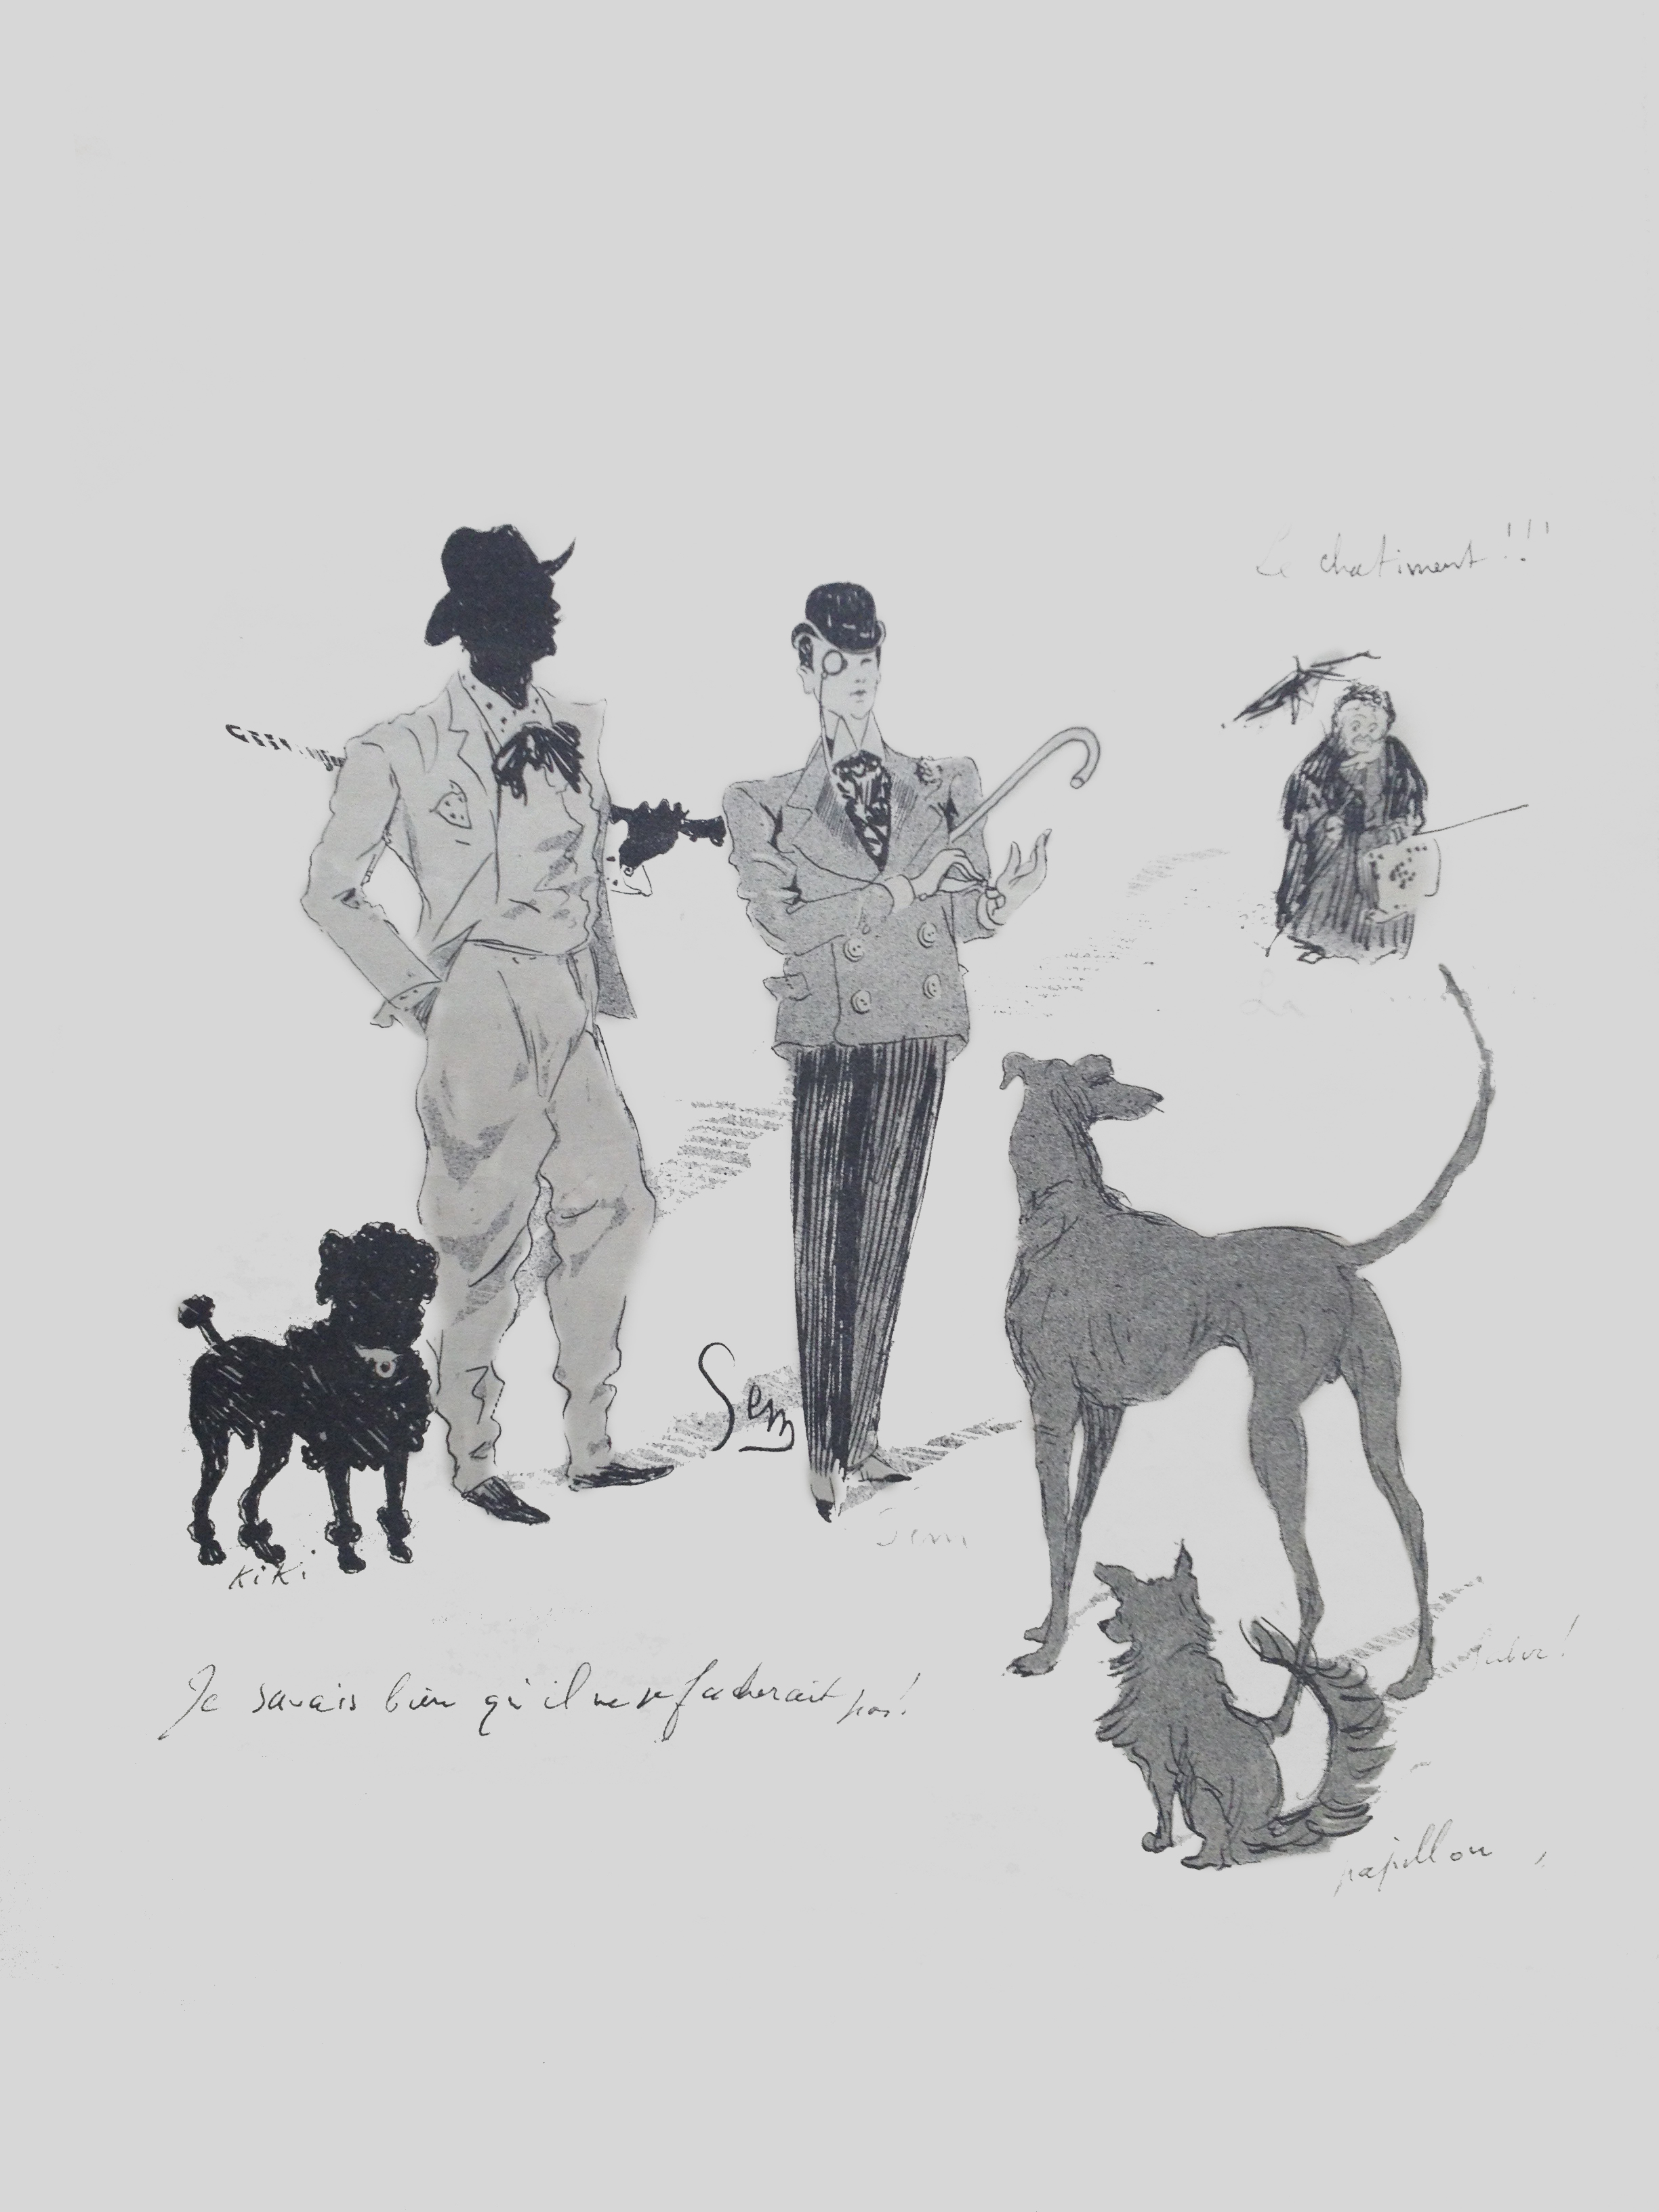 Sem Goursat Album n.3- Planche n.11